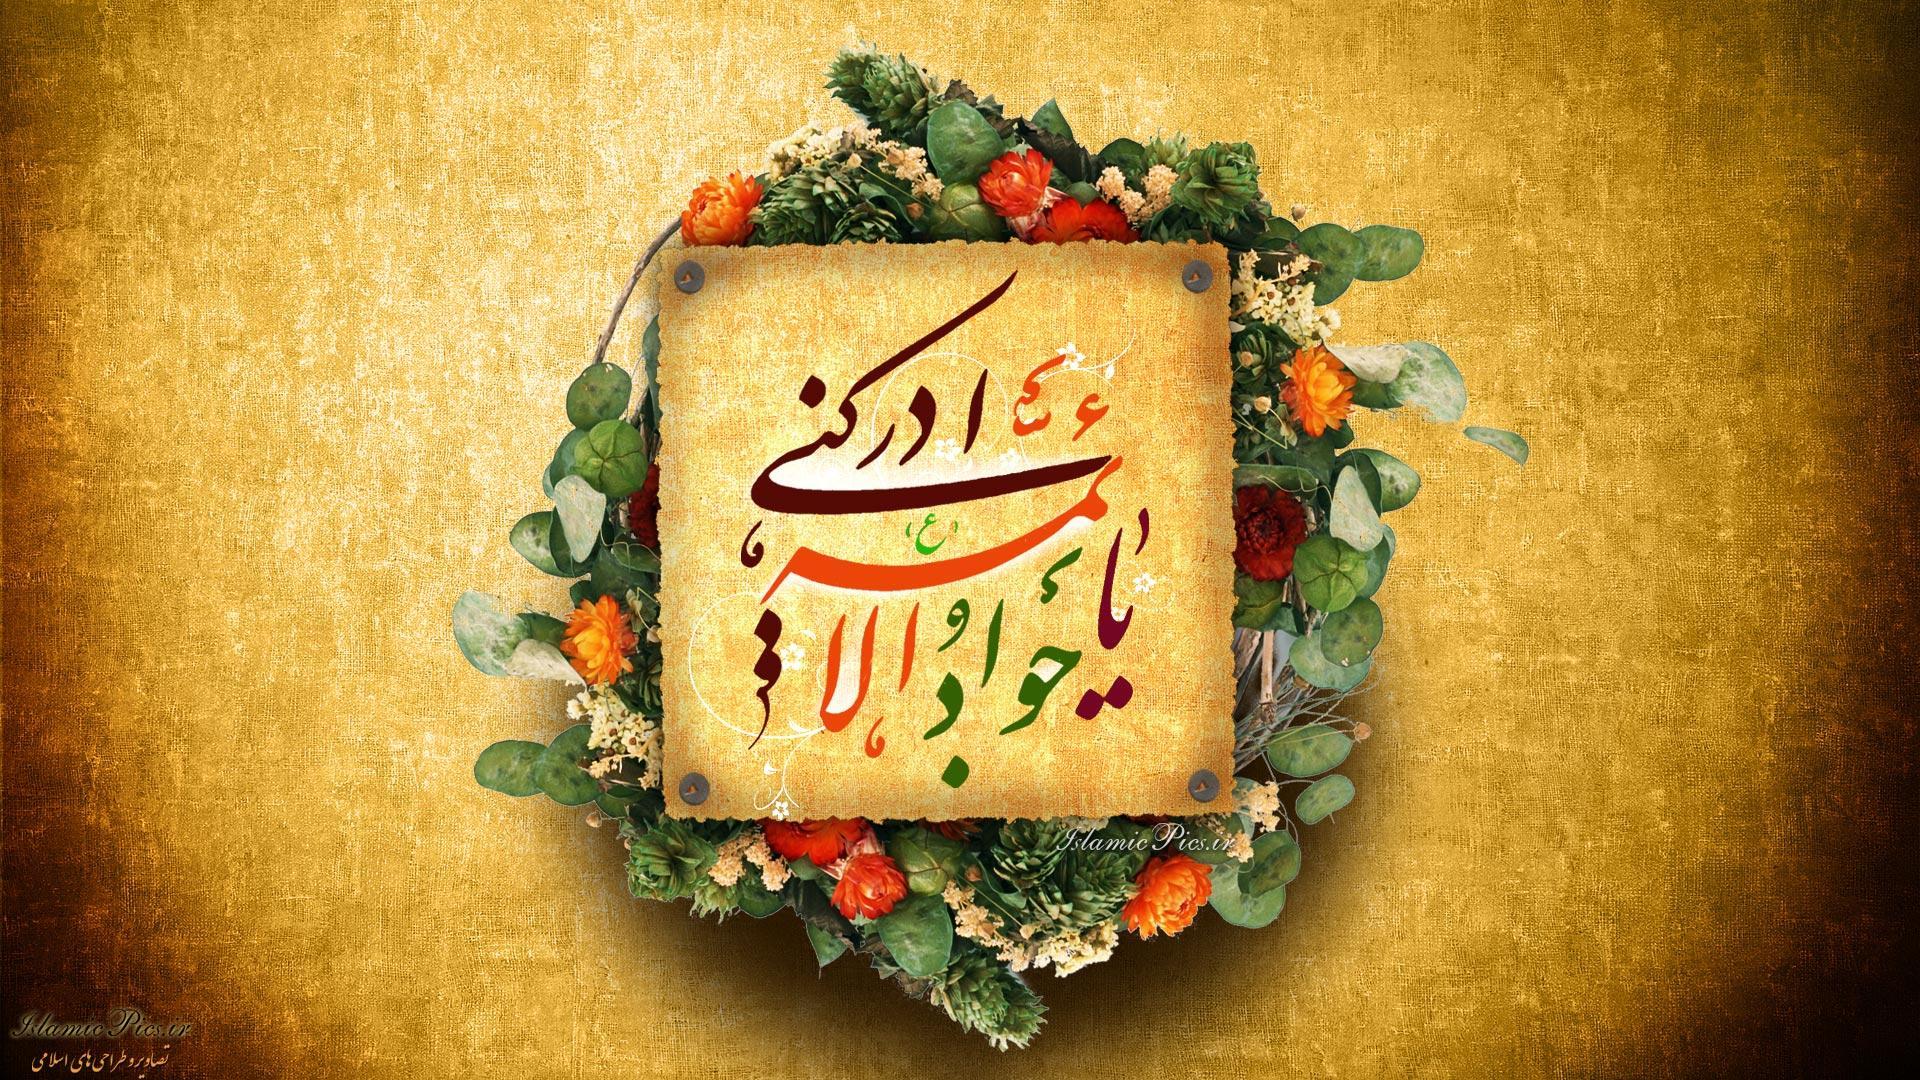 سه نیاز مومن (امام جواد علیه السلام)